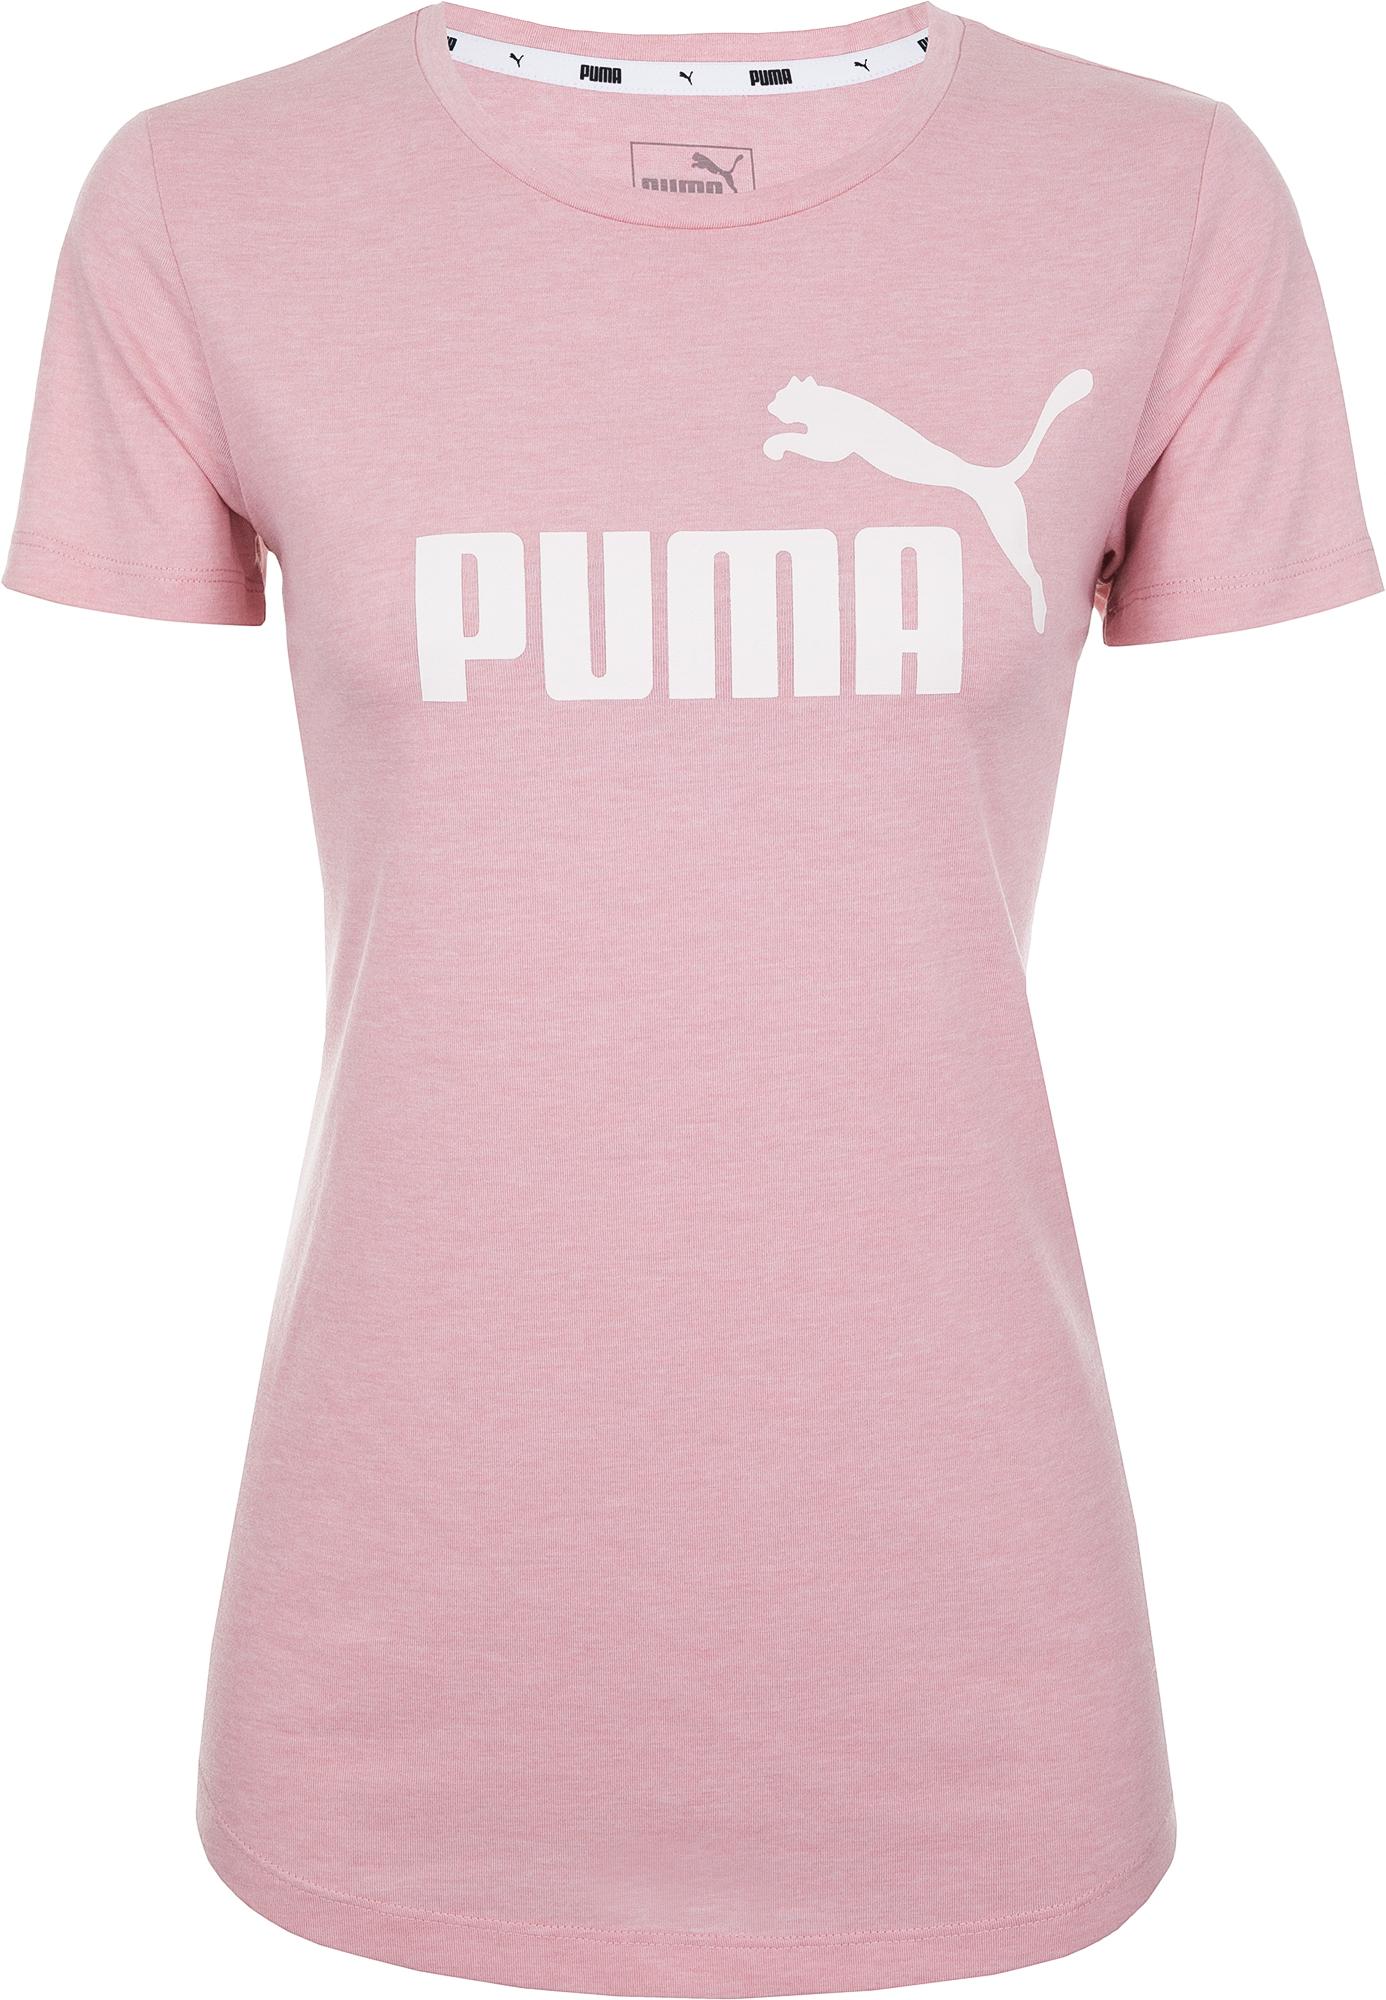 цена на PUMA Футболка женская Puma, размер 48-50